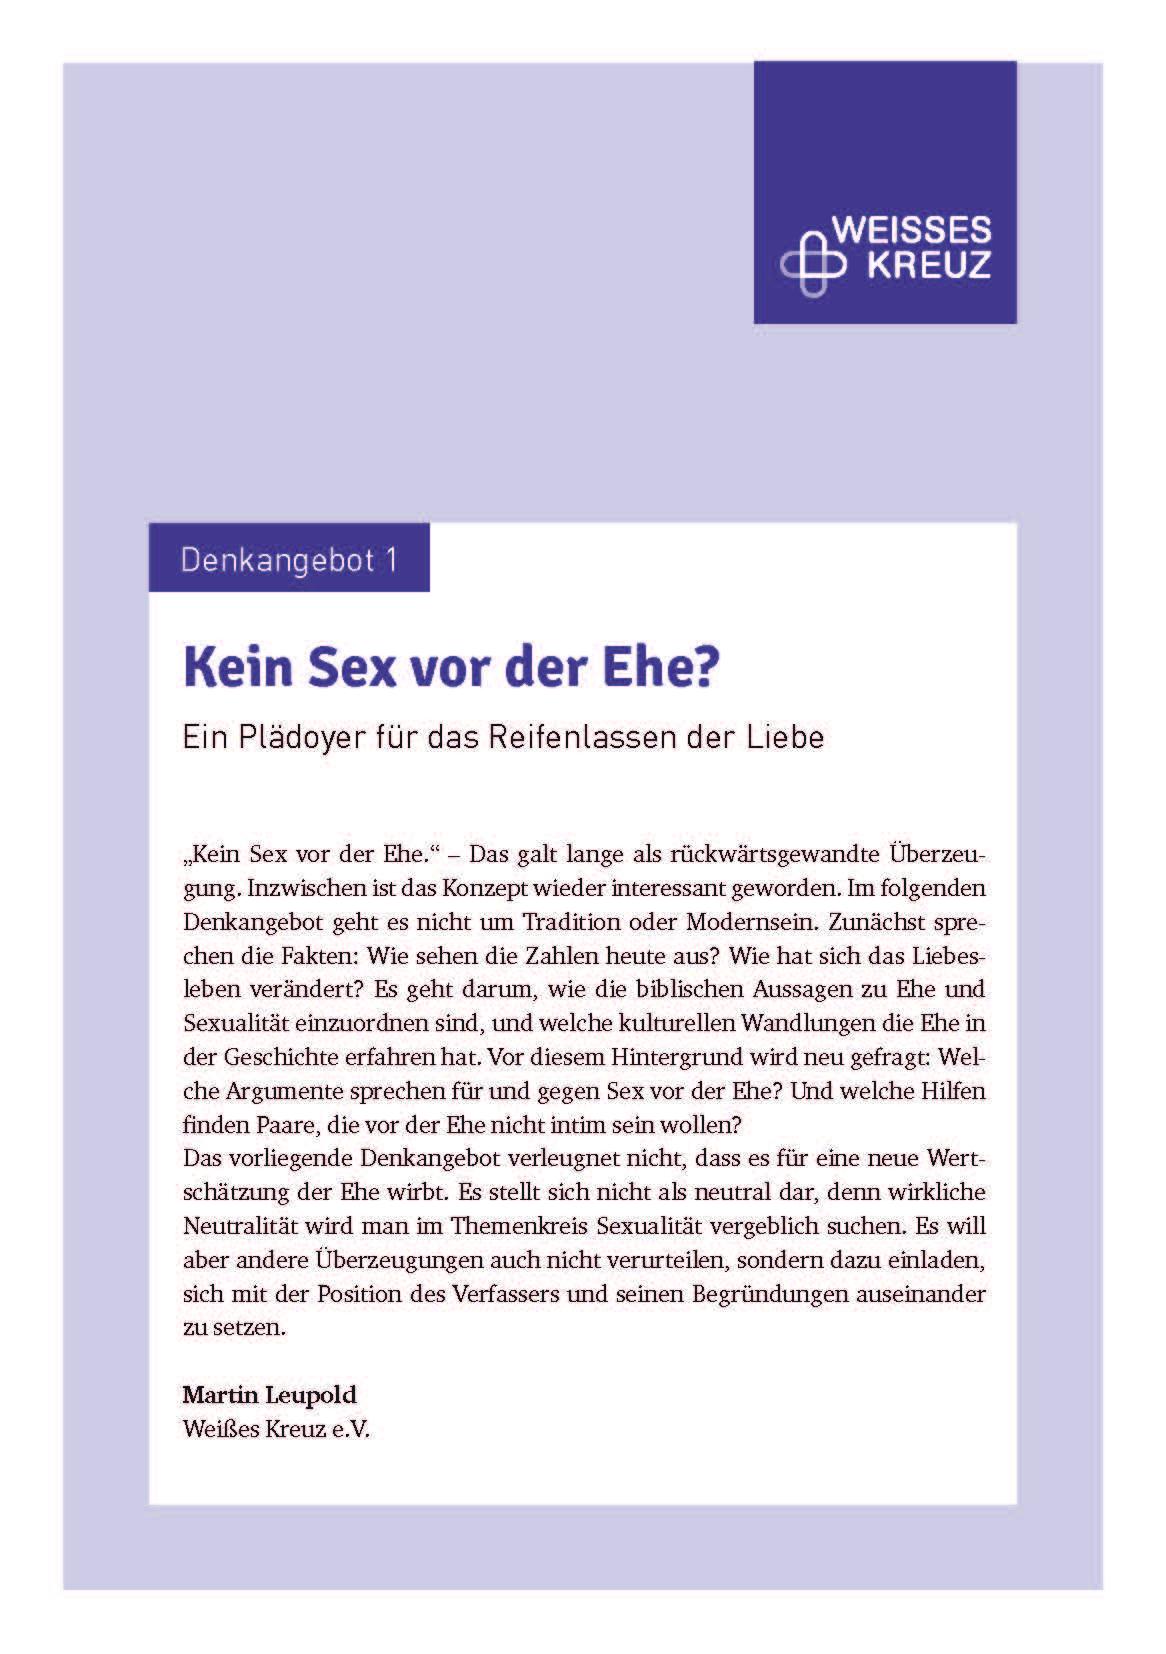 Denkangebot Nr. 1 - Kein Sex vor der Ehe?